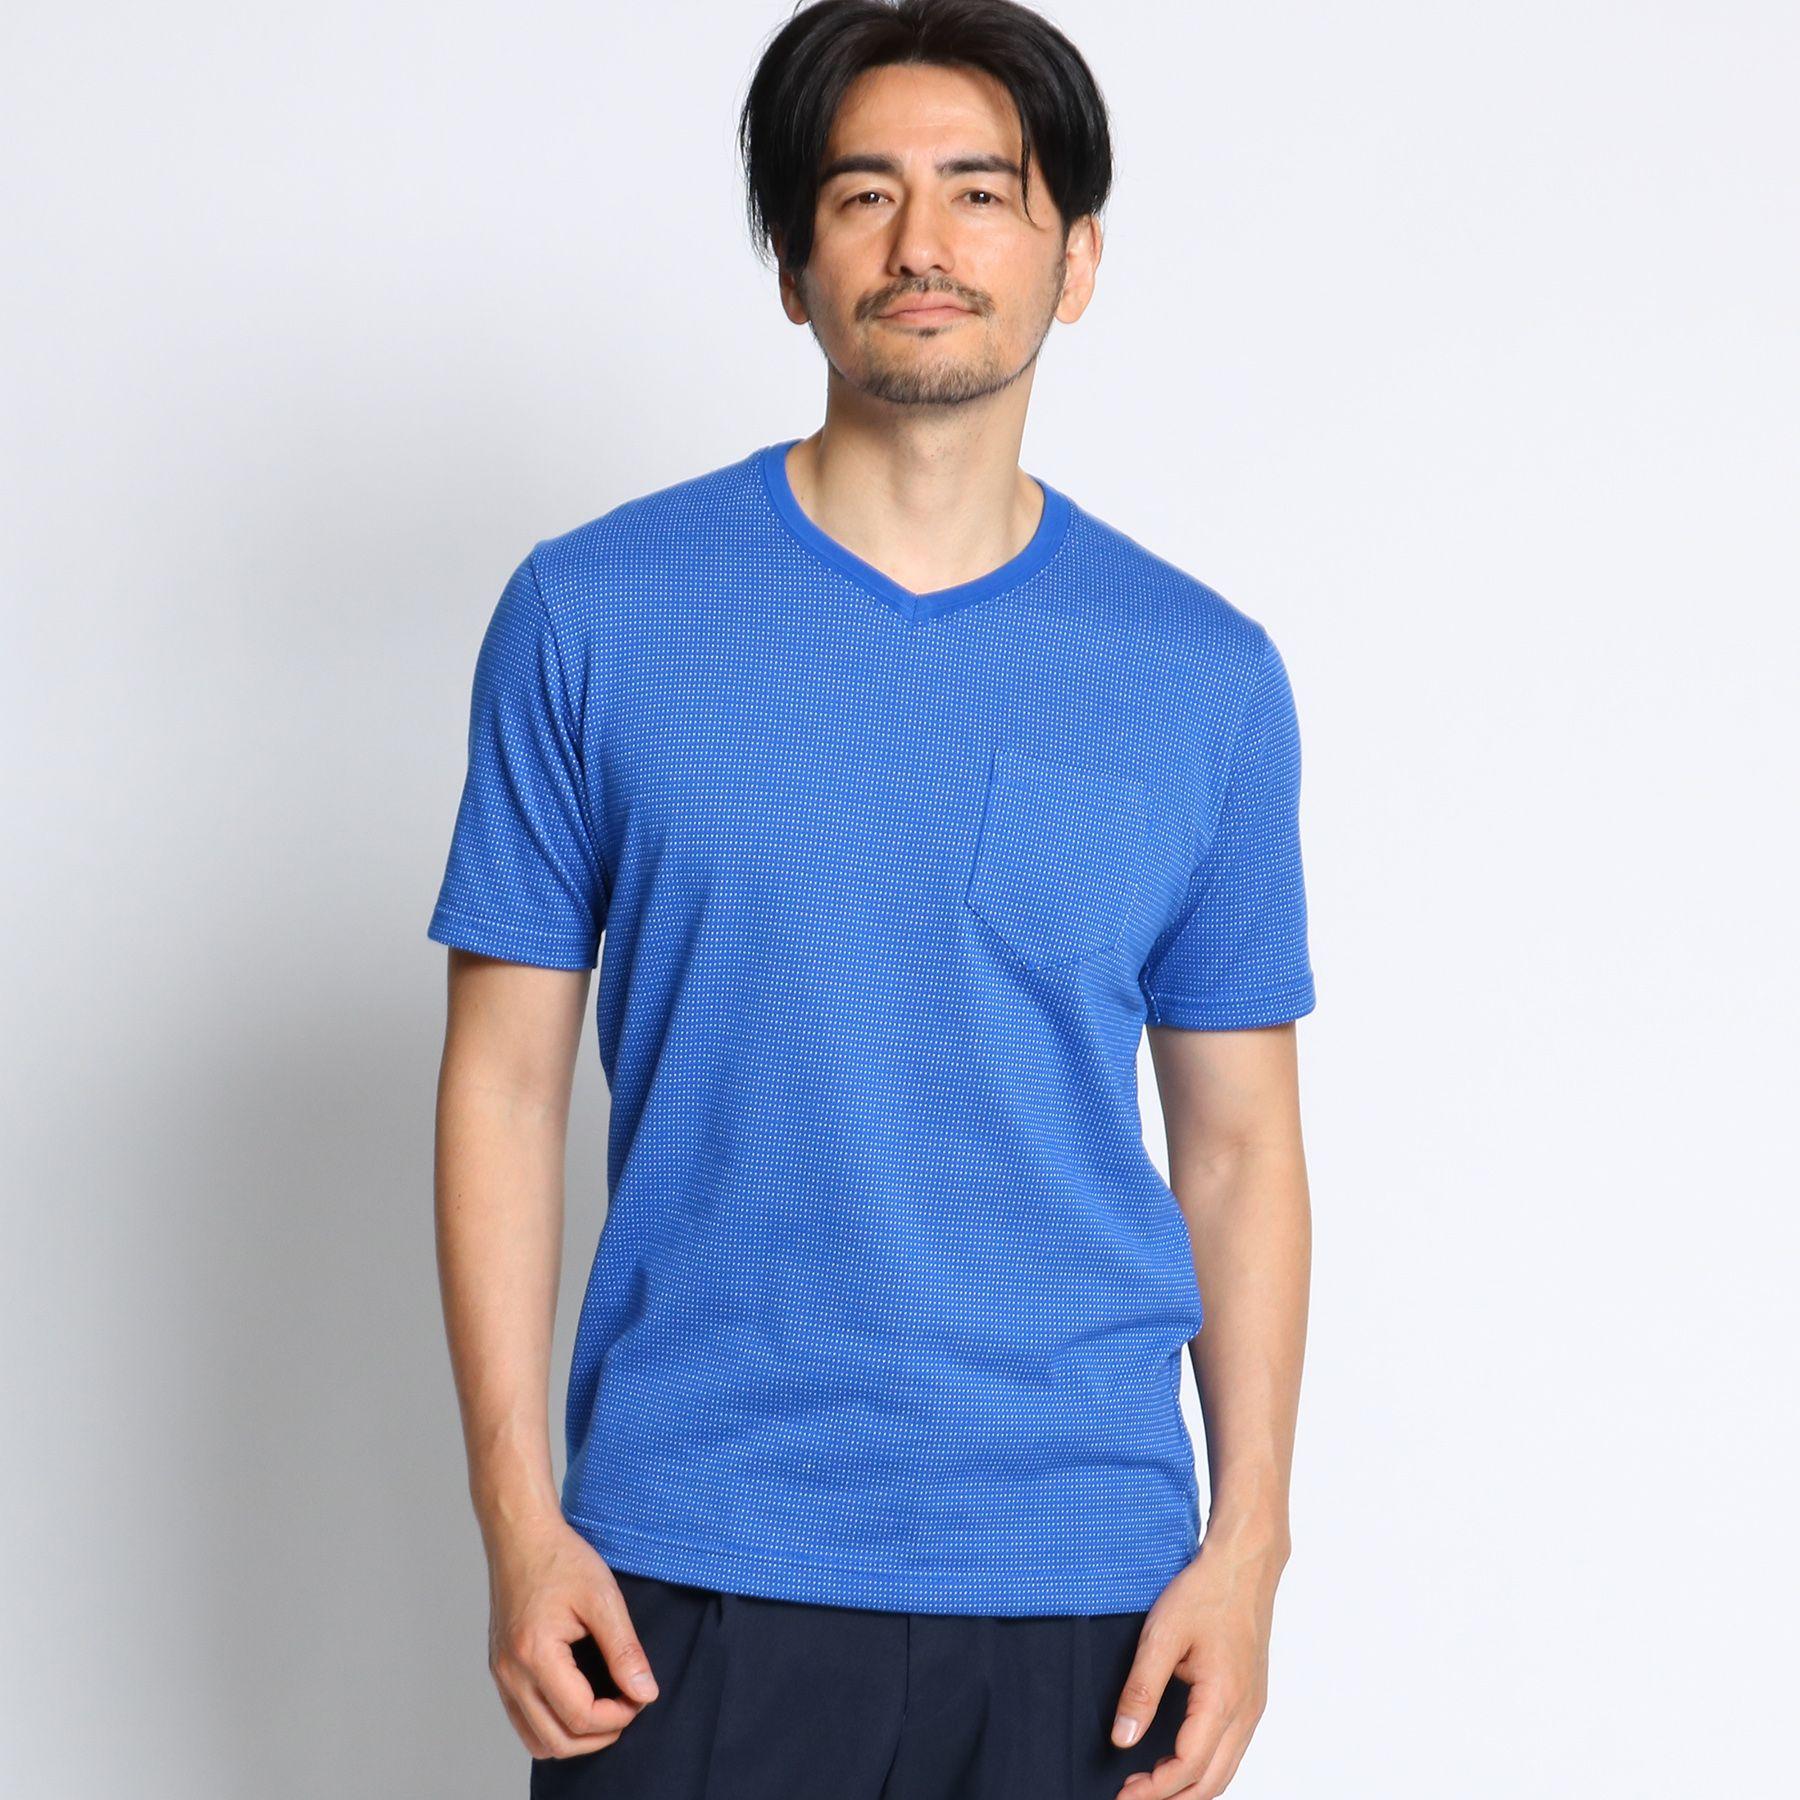 サンホーキンドットVネックTシャツ [ メンズ Tシャツ カットソー ]